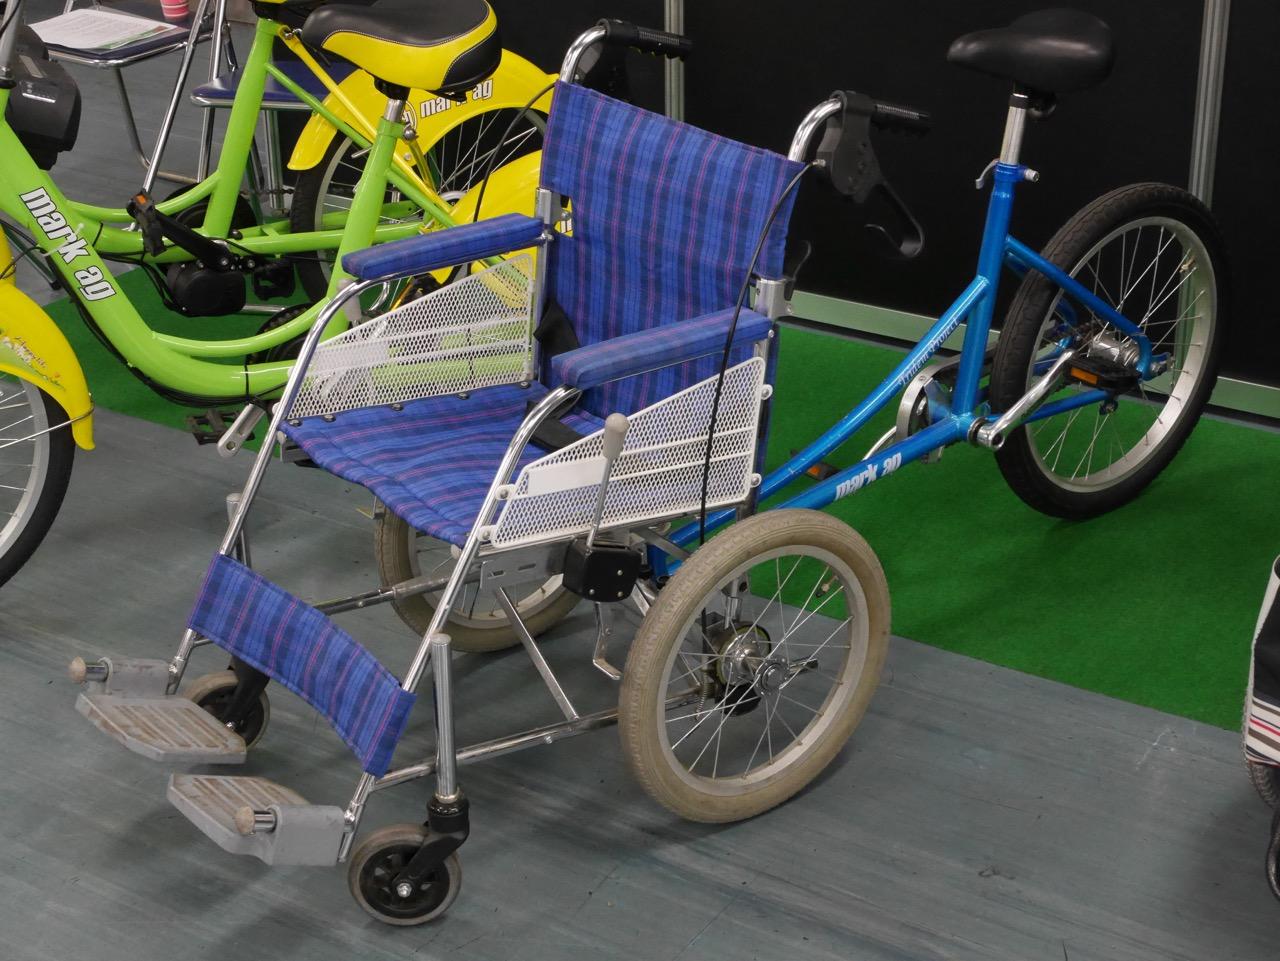 職人の自転車展でみつけたシニア用サイクル